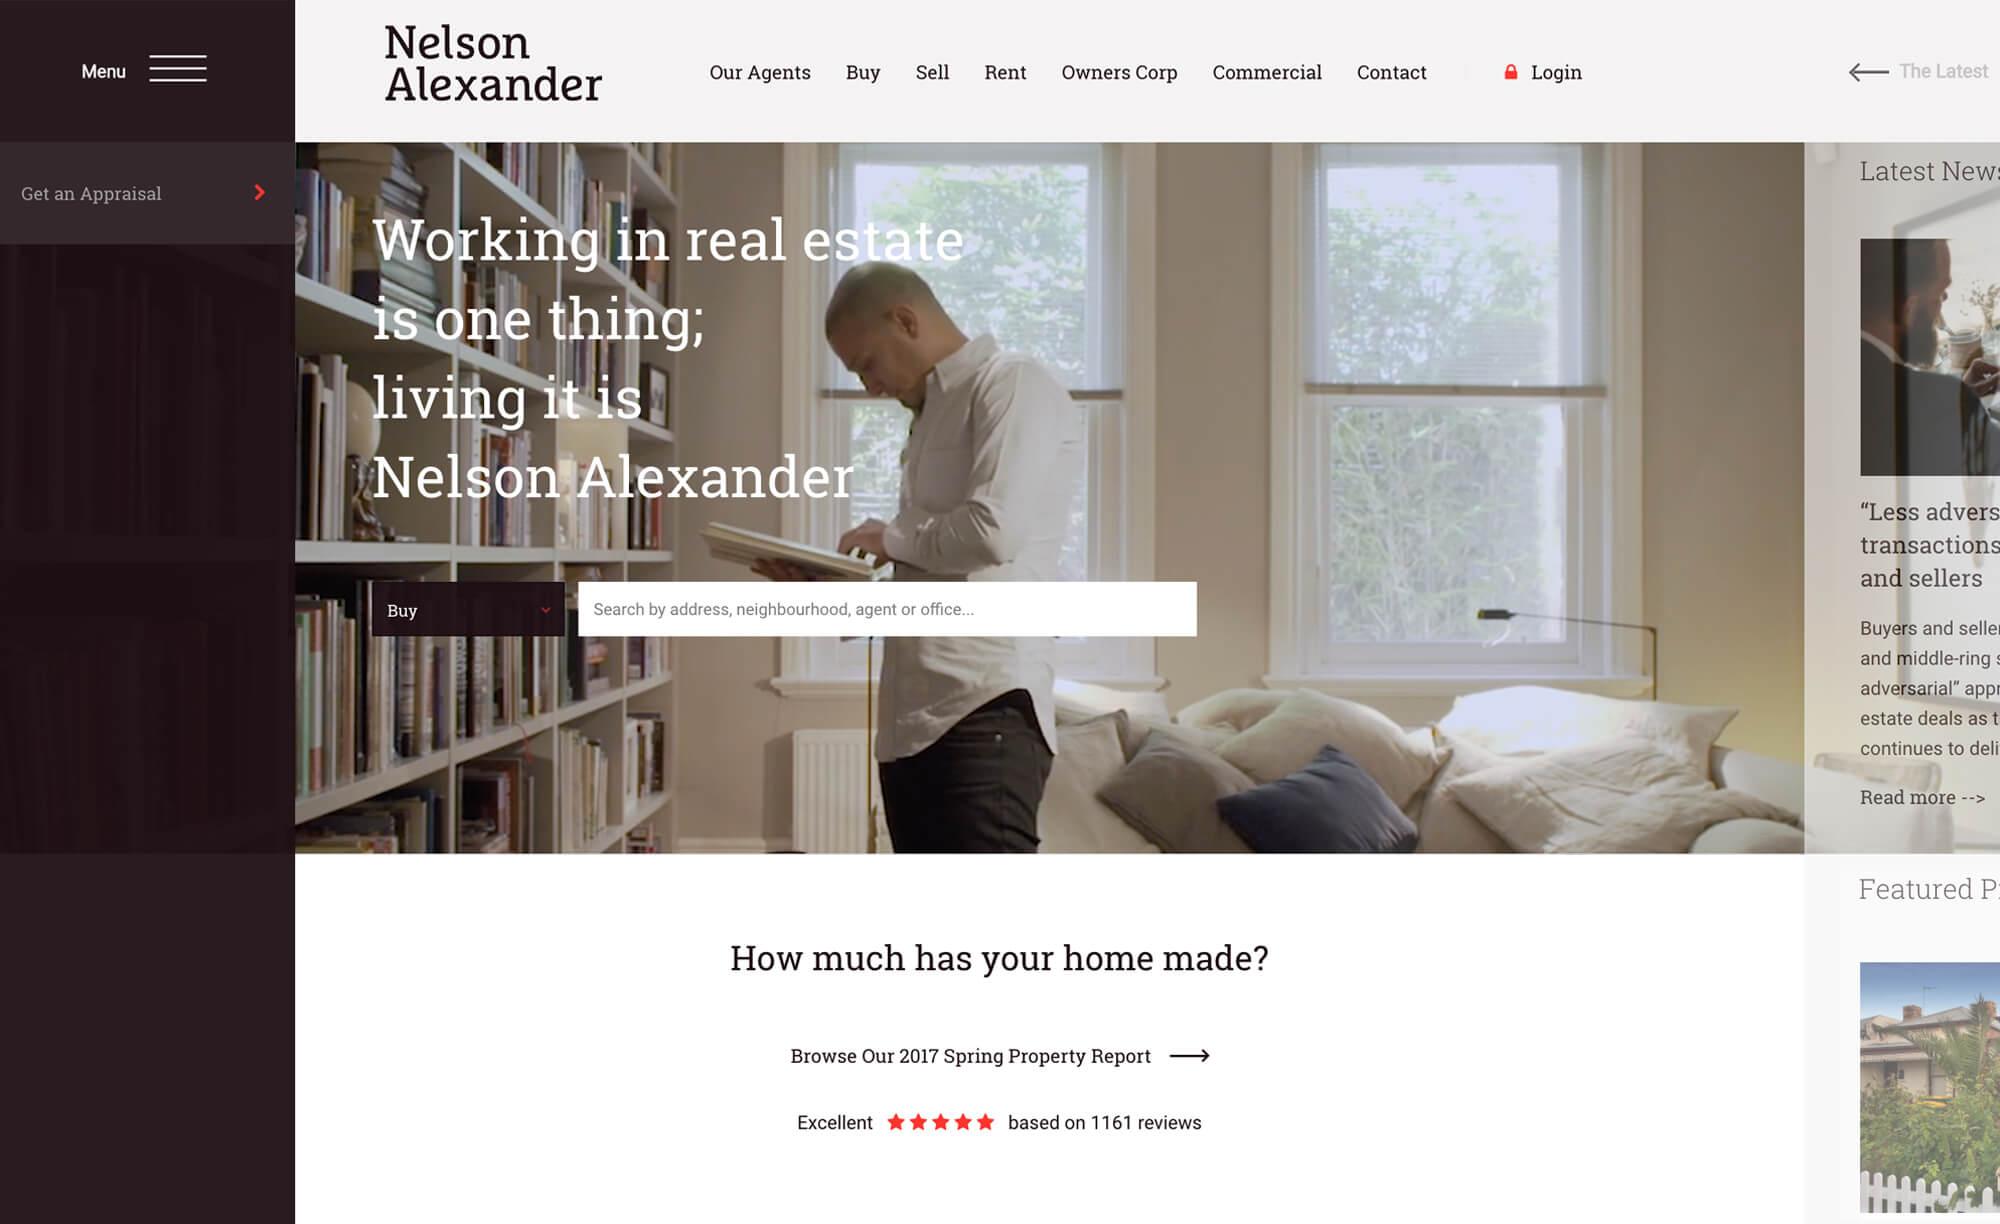 Nelson Alexander - Website